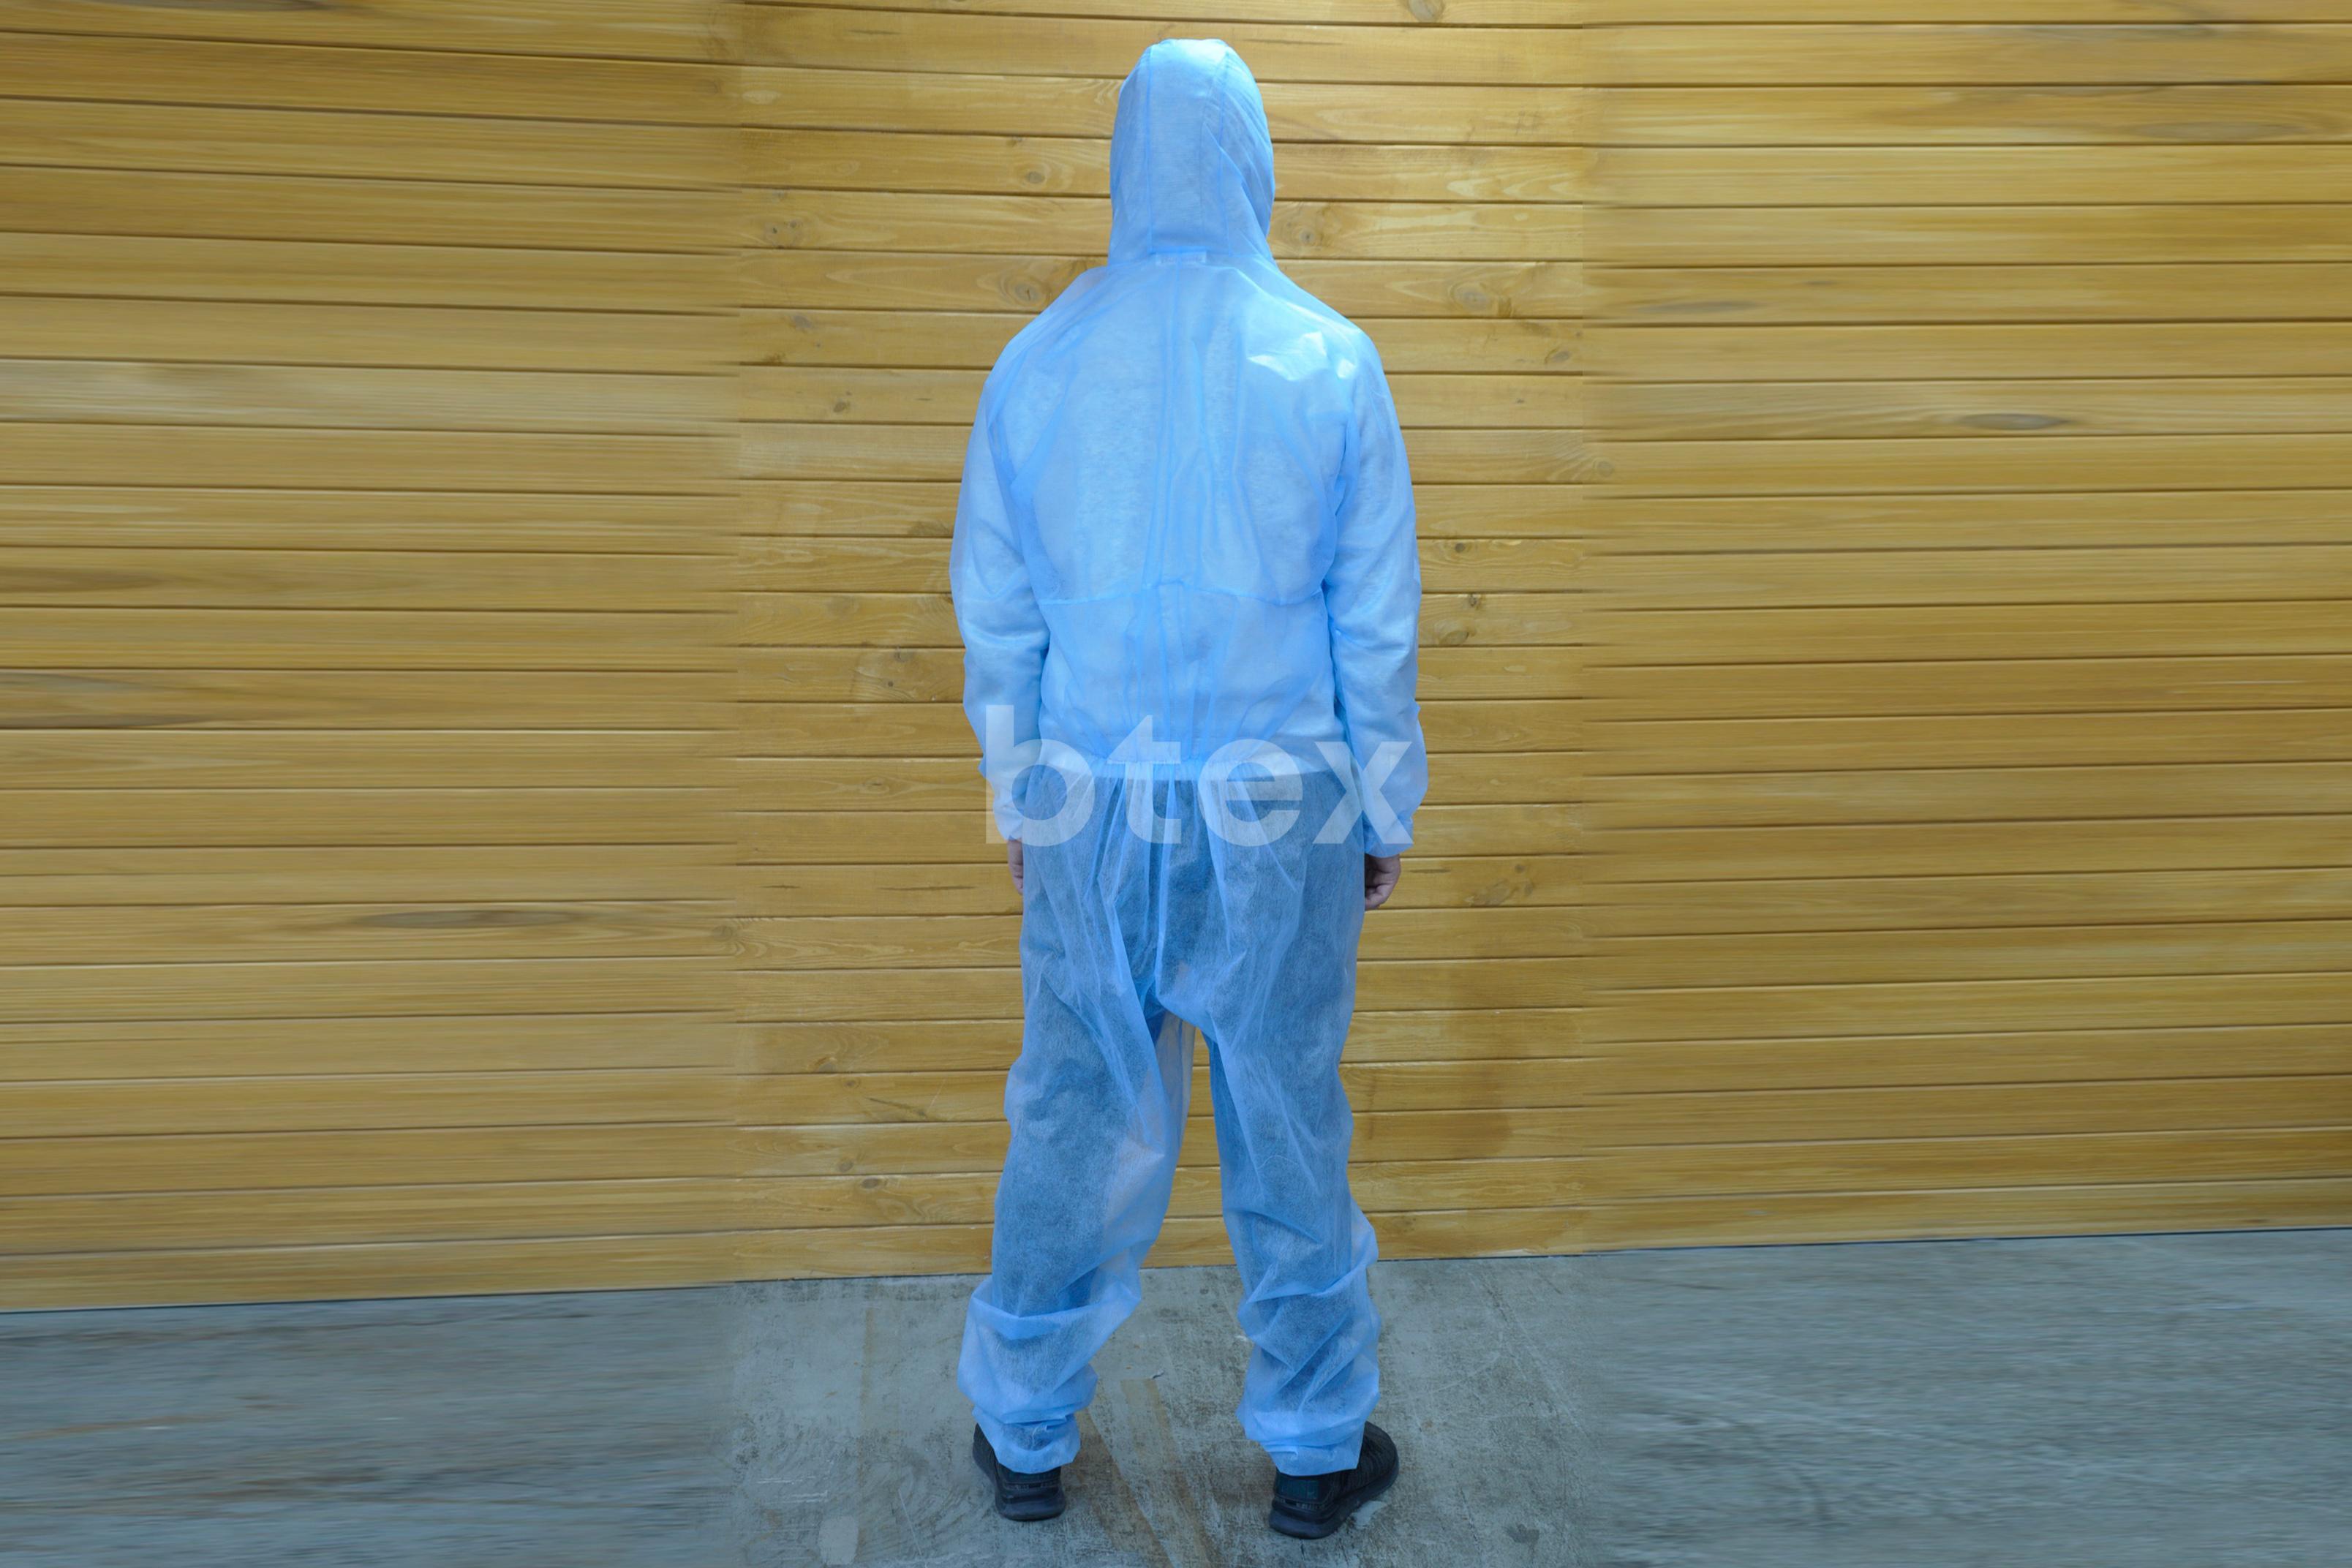 Комбінезон (одноразовий), однотонний, тканина Спанбонд, щільність - 50г / м2 фото-5